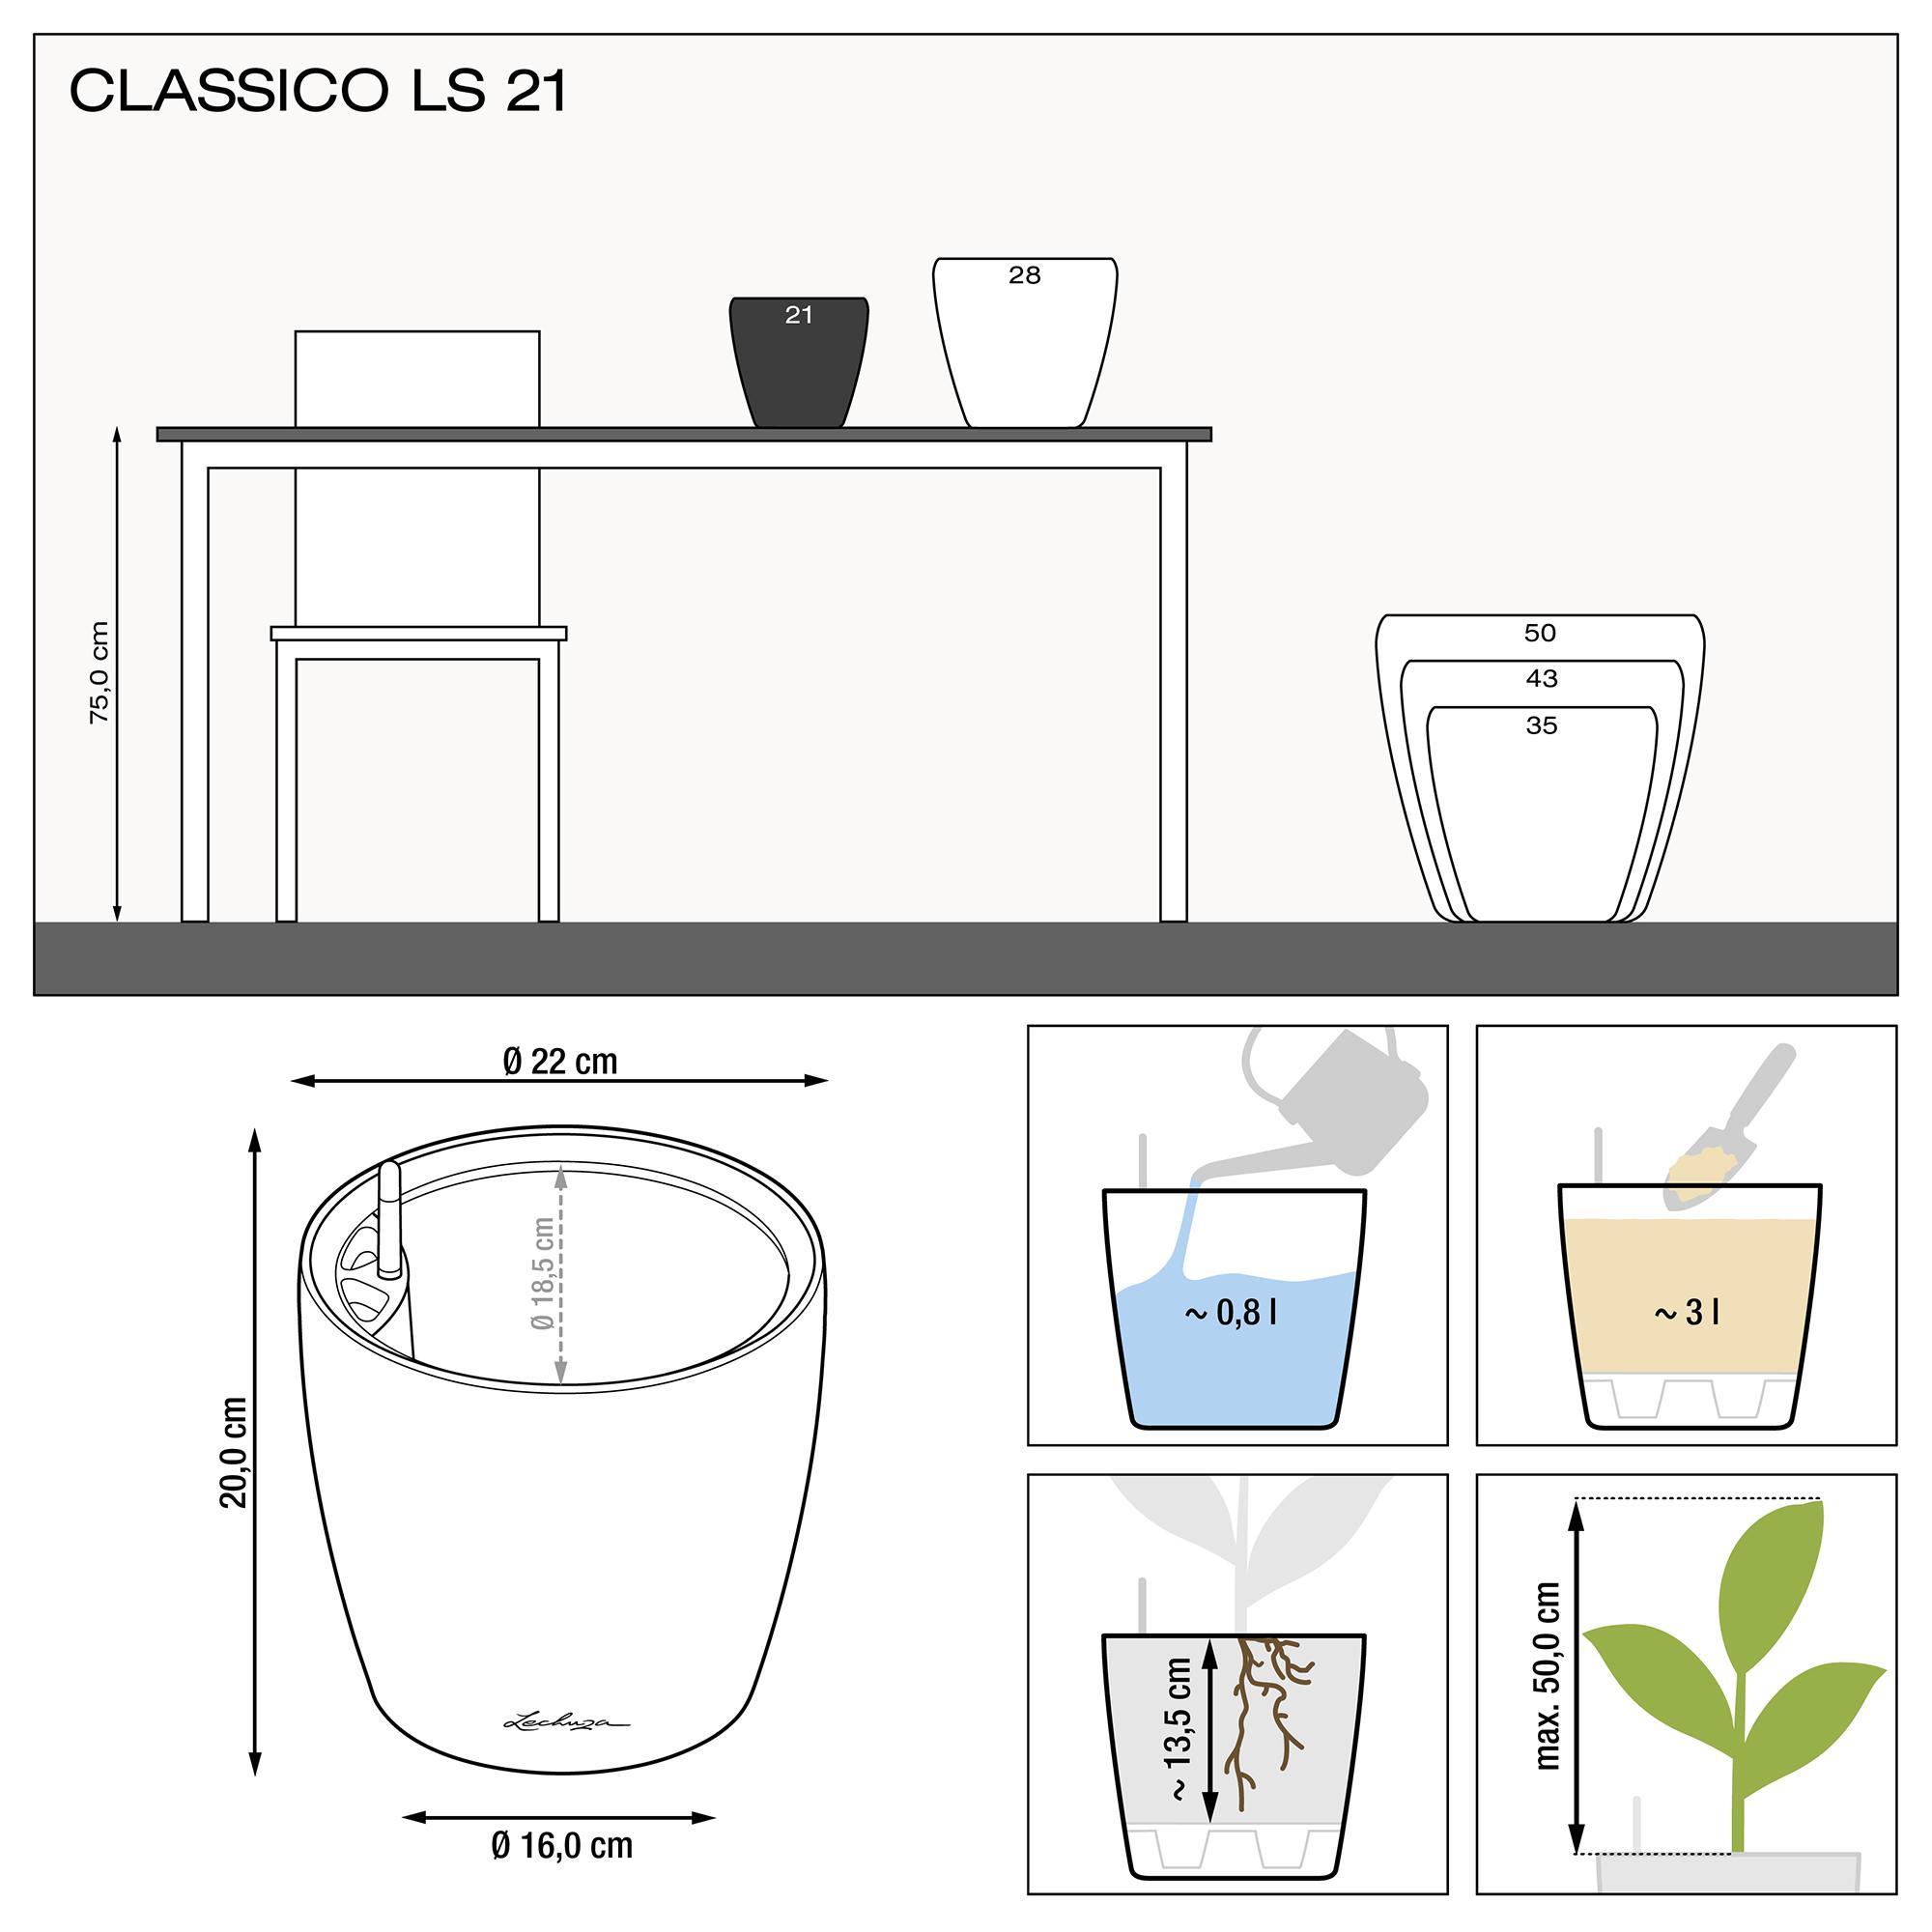 CLASSICO LS 21 Белый блестящий - изображение 3